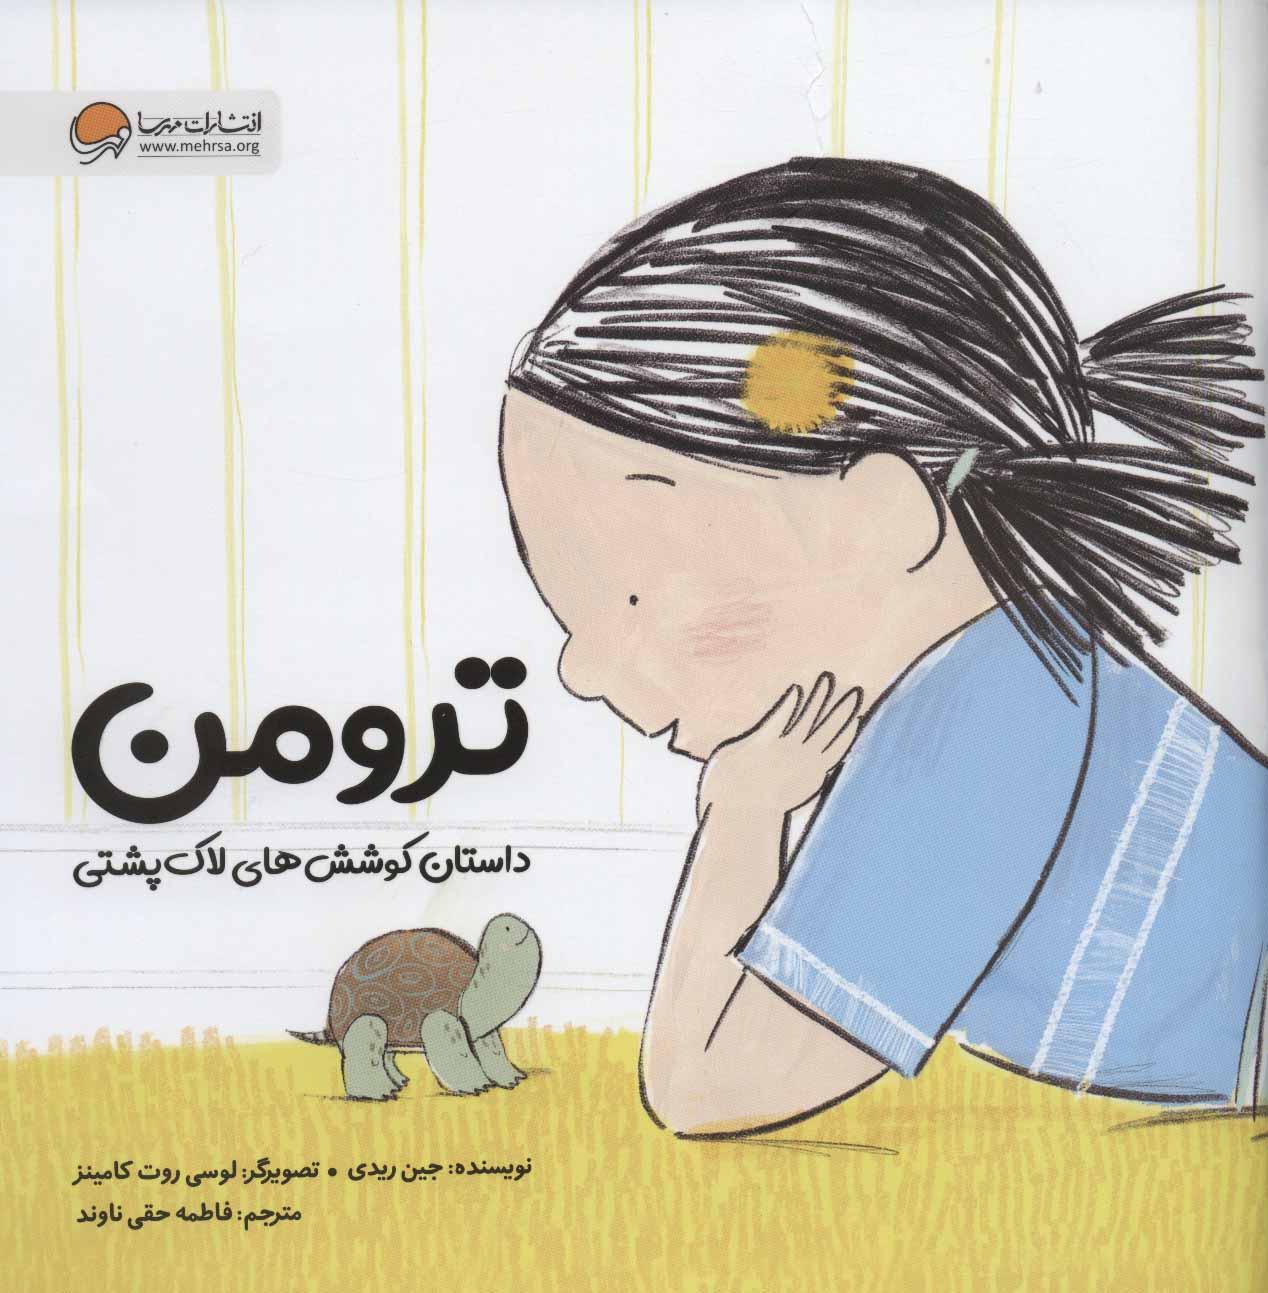 کتاب ترومن: داستان کوششهای لاکپشتی